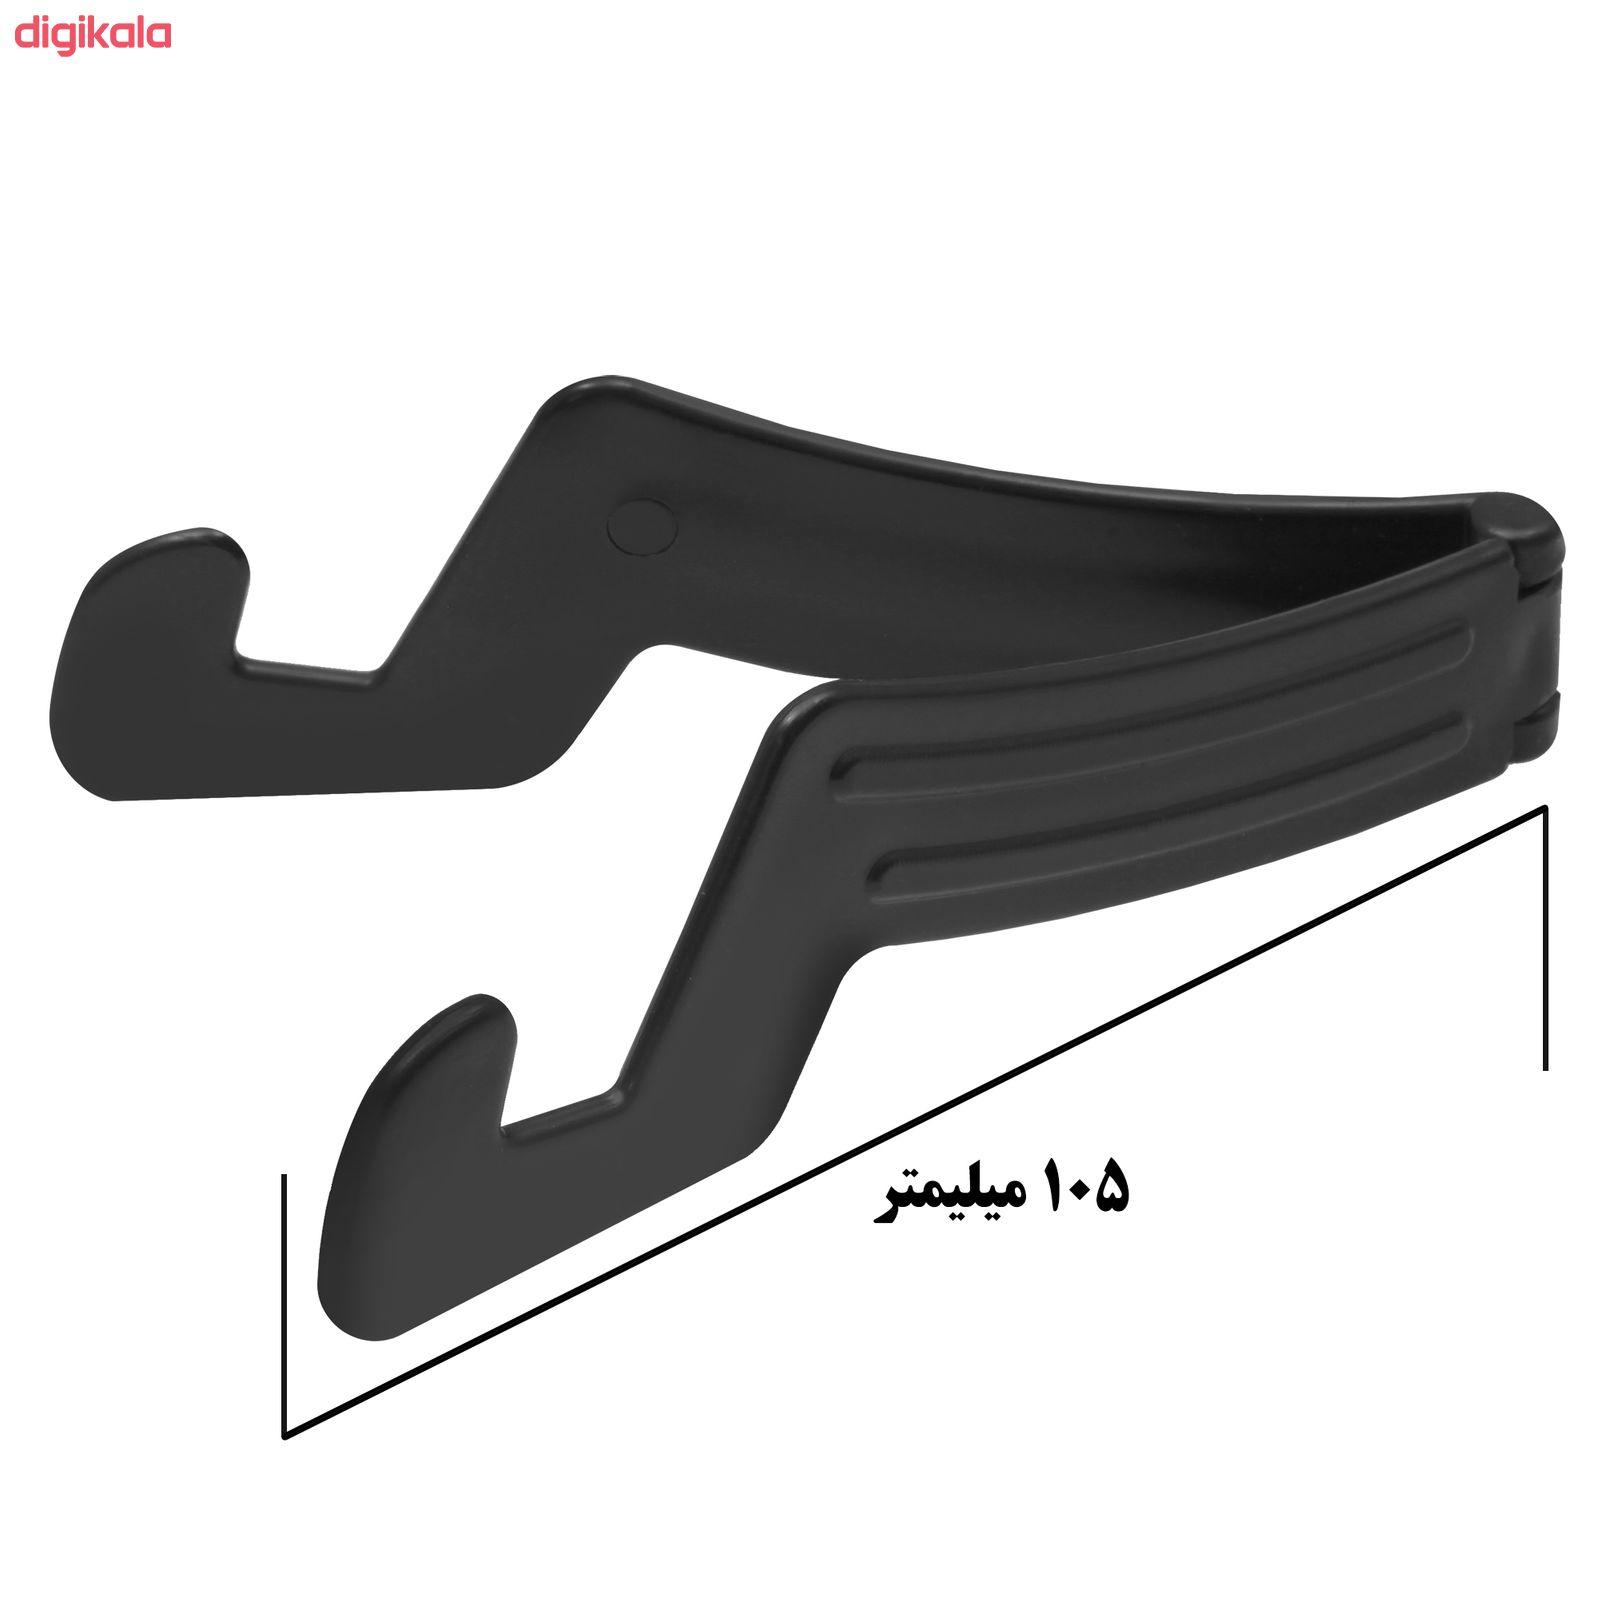 پایه نگهدارنده گوشی موبایل سومگ مدل SMG-TL main 1 4